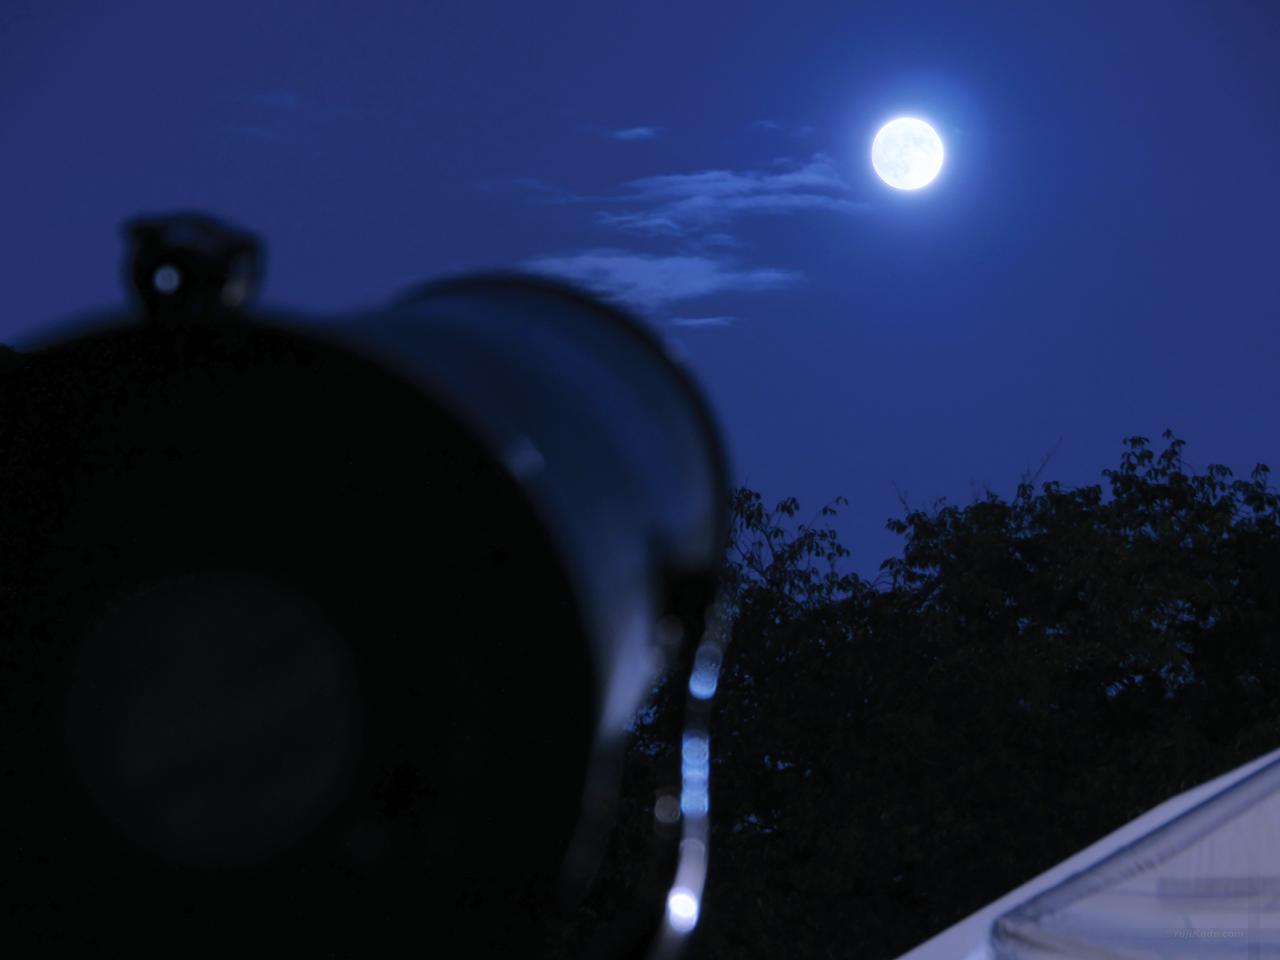 小金井お月見のつどい「望遠鏡で月を見てみよう!」(むさこくらぶ(2016年9月号(vol.112))掲載)